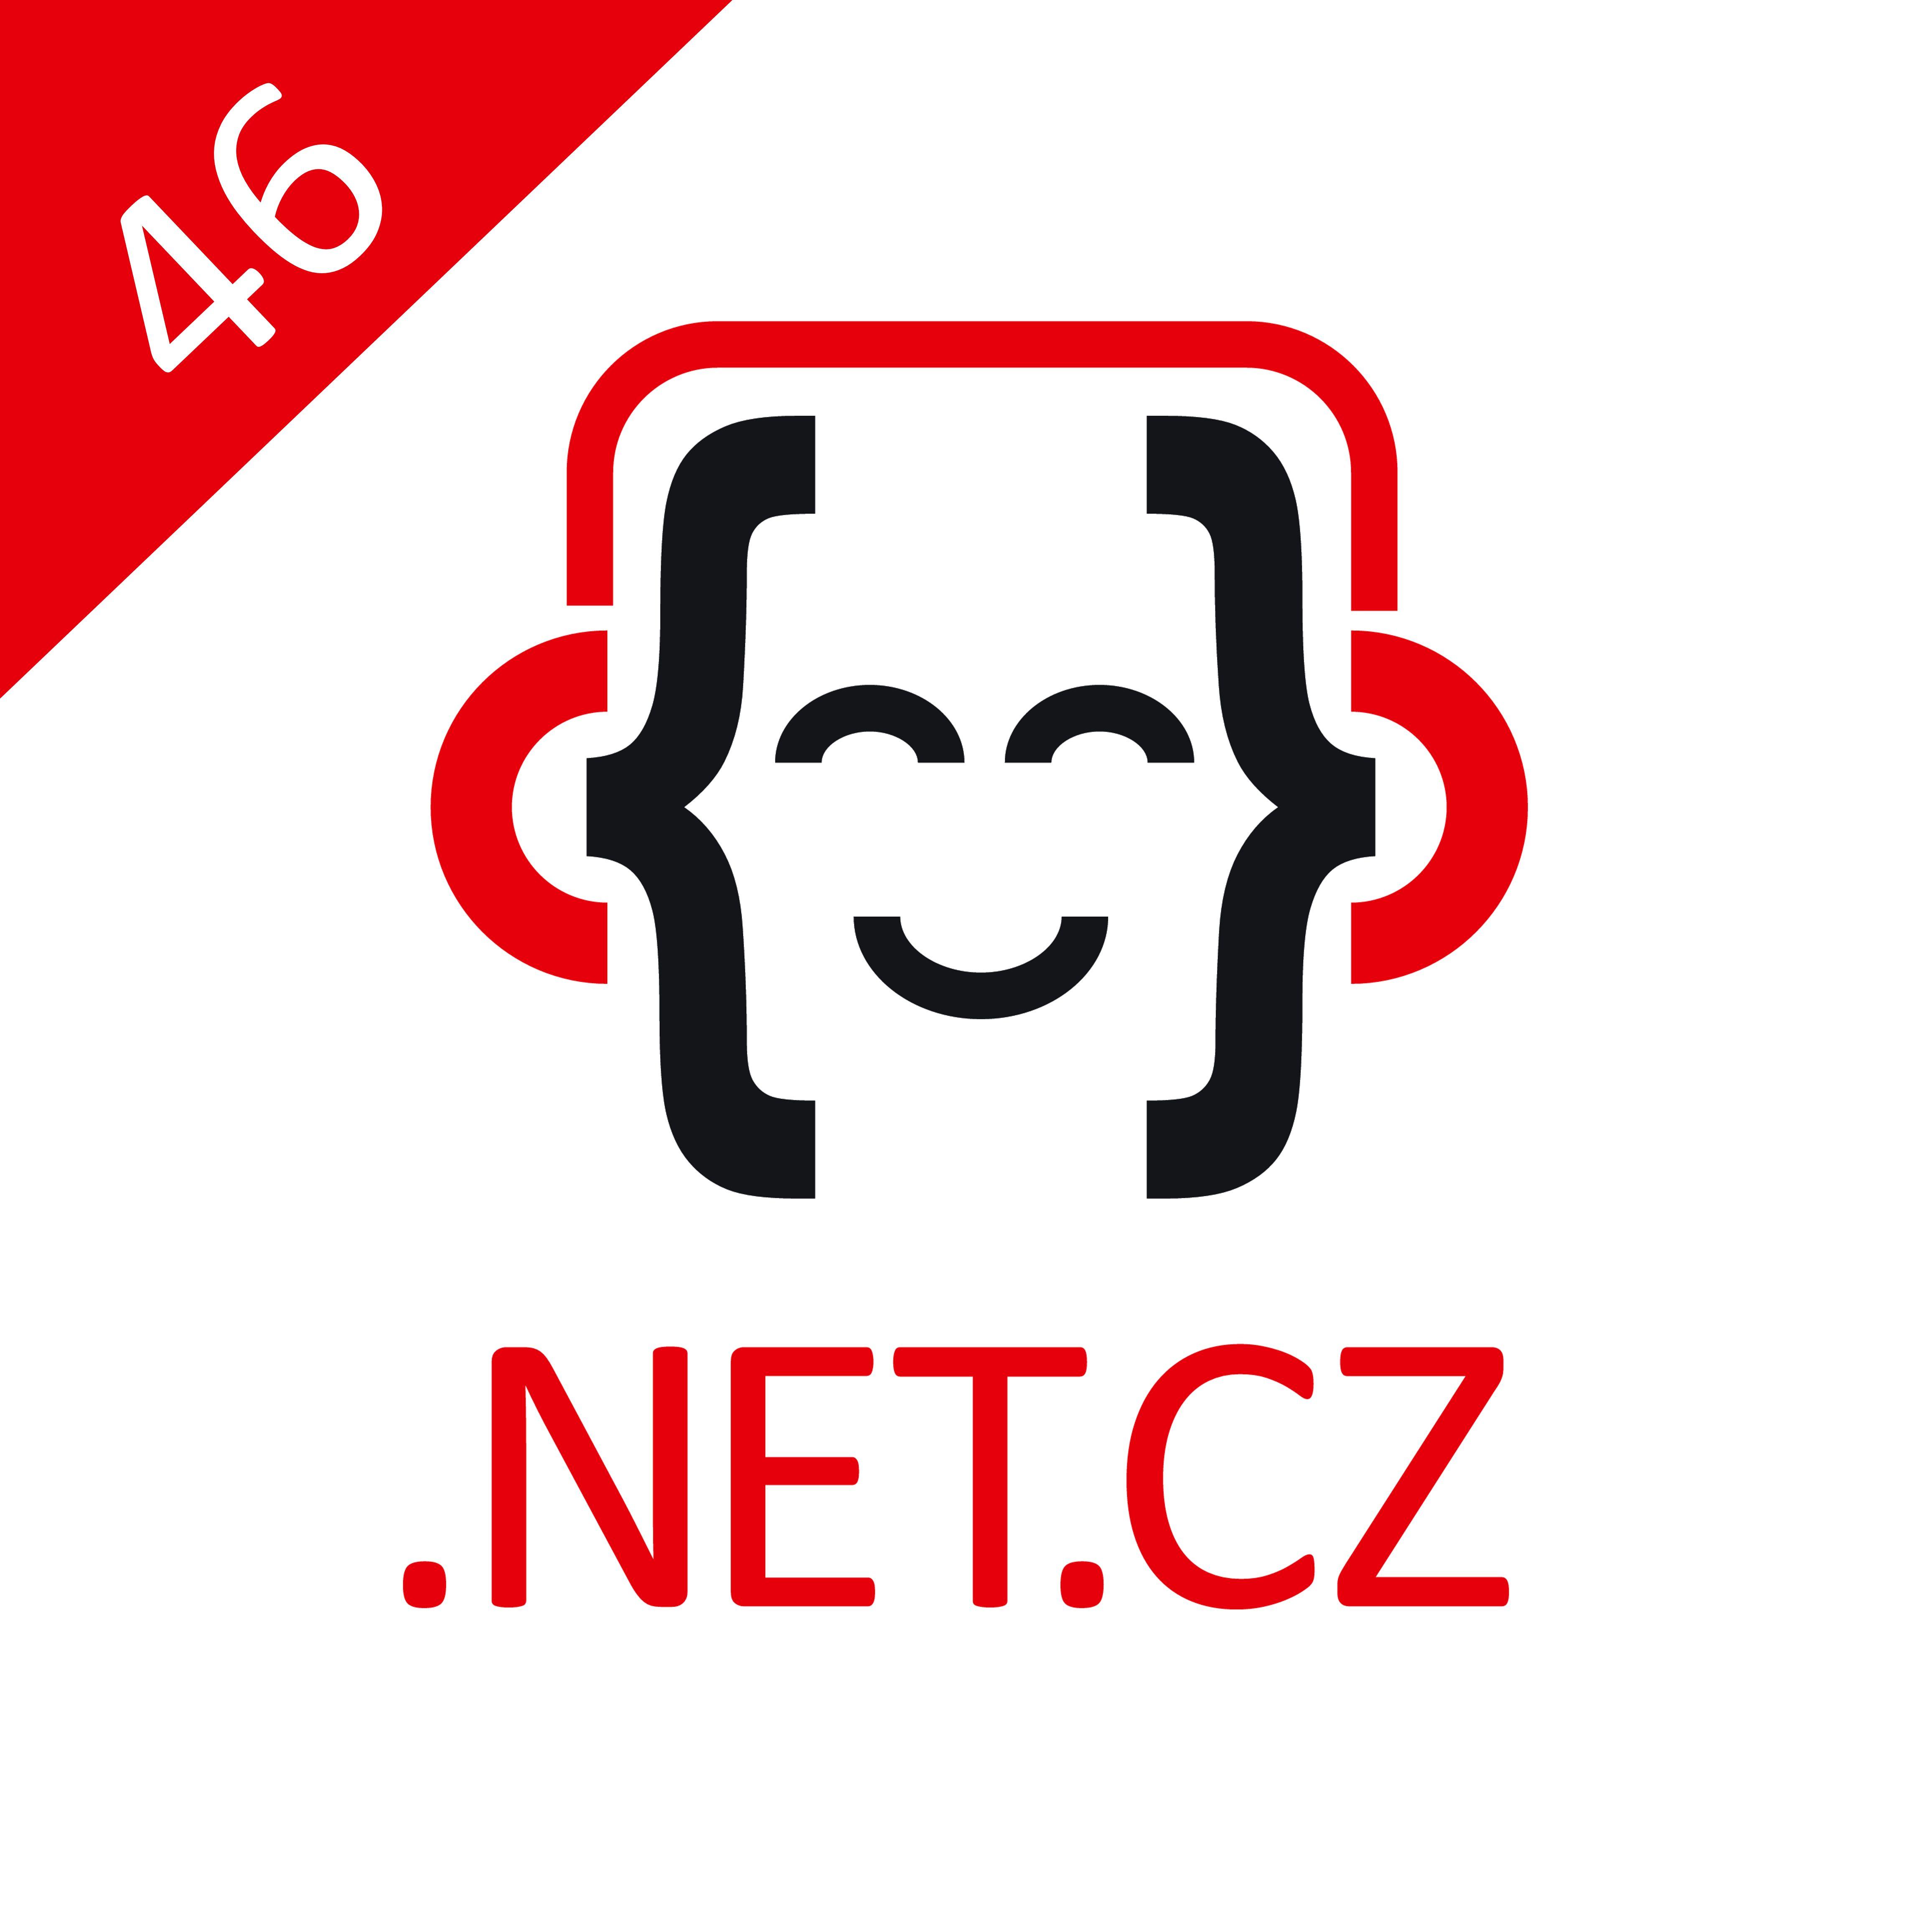 .NET.CZ(Episode.46) - Mega speciál: Chatboti v Česku - Trask, BooAI, Wingbot a Feedyou